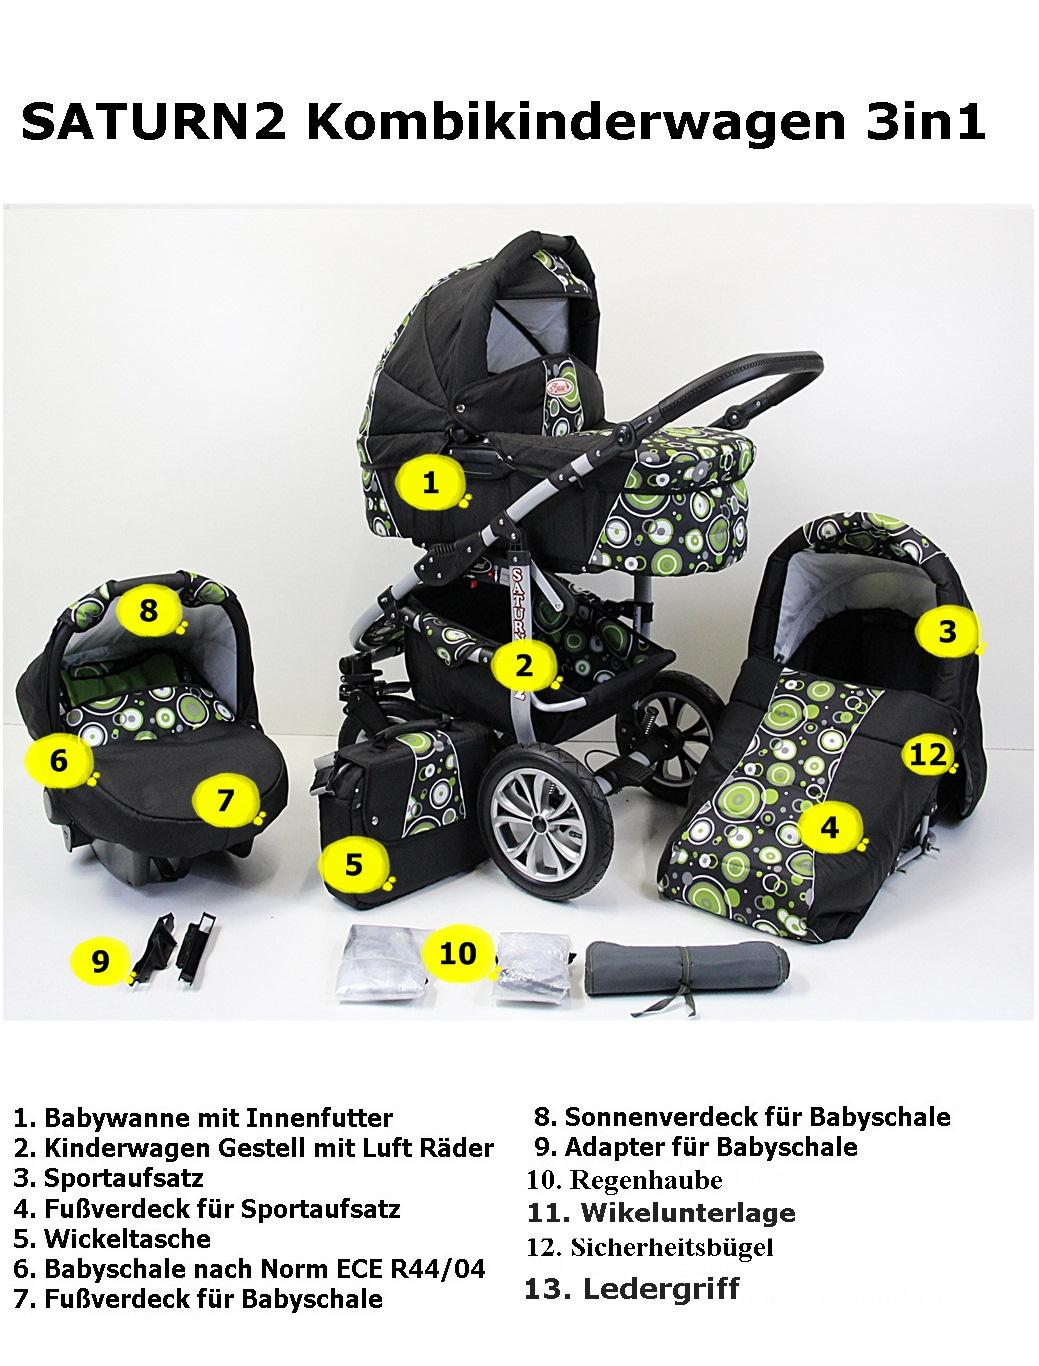 saturn2 kombikinderwagen kinderwagen 3in1 mit babyschale poussette pram autositz ebay. Black Bedroom Furniture Sets. Home Design Ideas